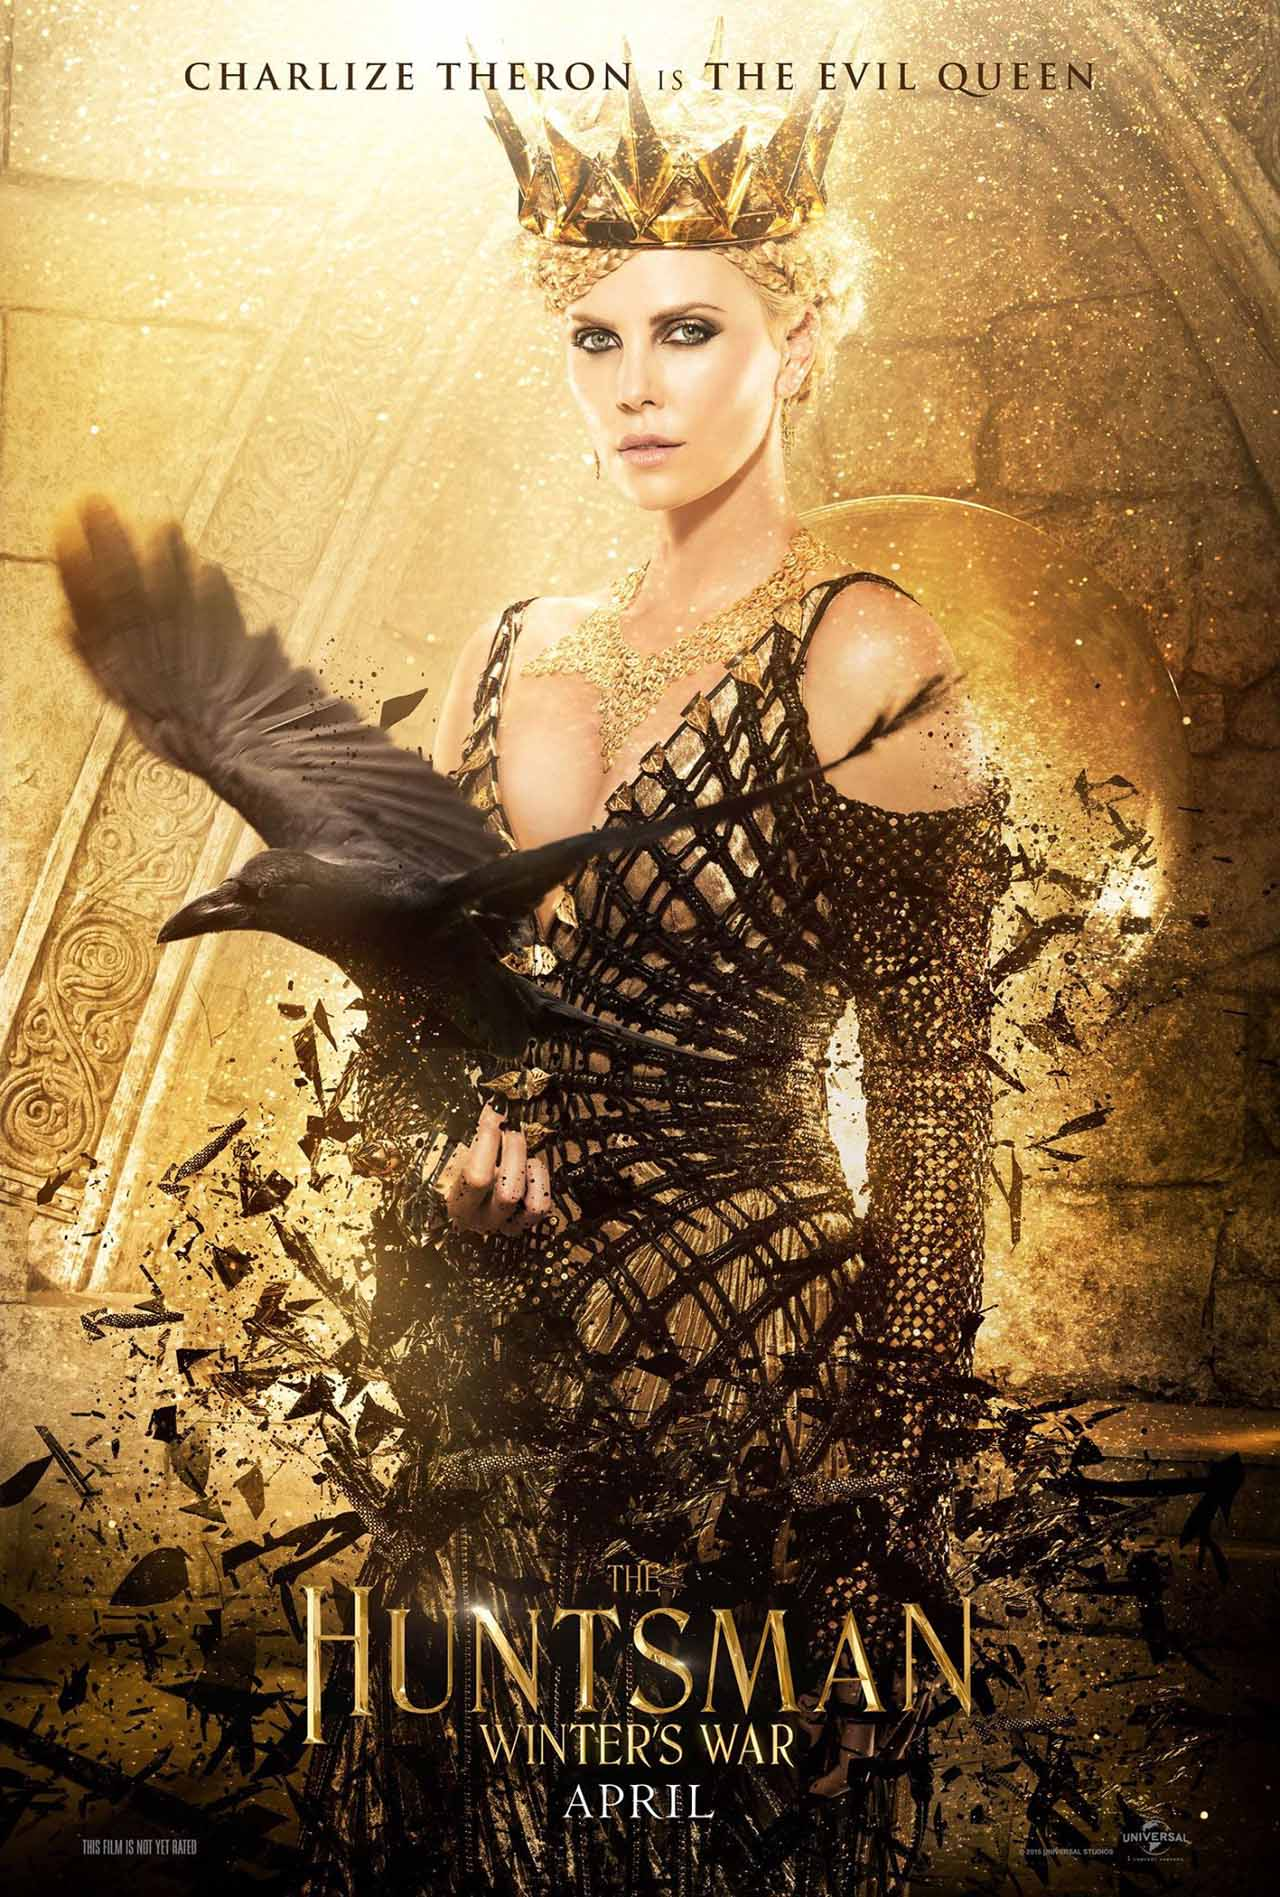 The Huntsman Winter's War: il character poster della Regina Ravenna interpretata da Charlize Theron